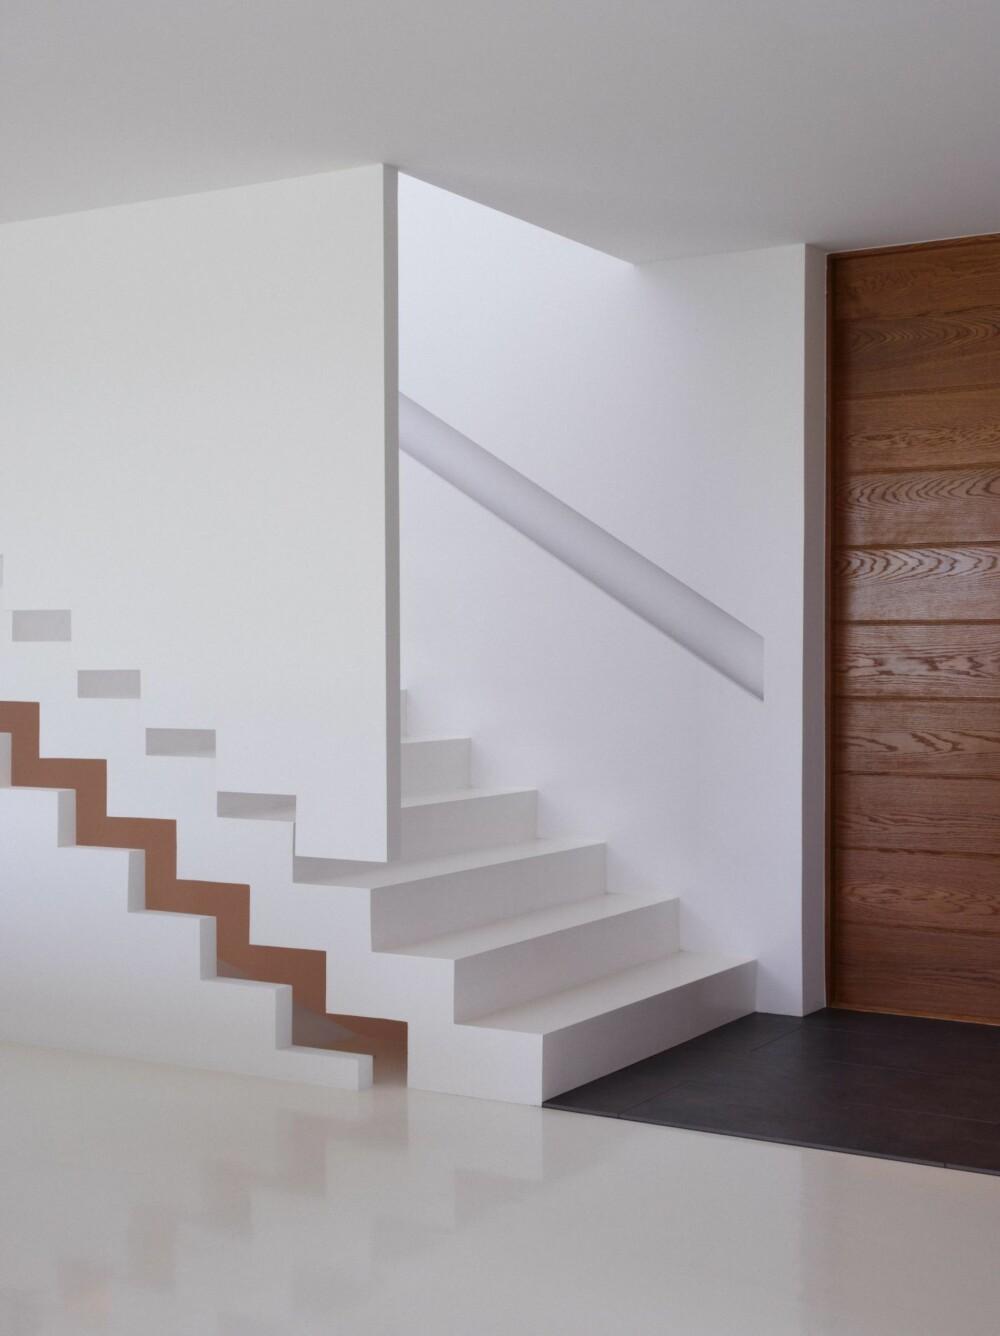 DETALJERT: Til høyre er inngangsdøren i eik, levert av svenske SnickarPer. Det innfelte trappegelenderet har neonlys som kan skifte farge mellom rosa, blått og grønt. Den hvite veggen med trappemønster skulle vært av glass, men budsjettet tok slutt. En av håndverkerne foreslo denne luftige løsningen, som falt i god jord.